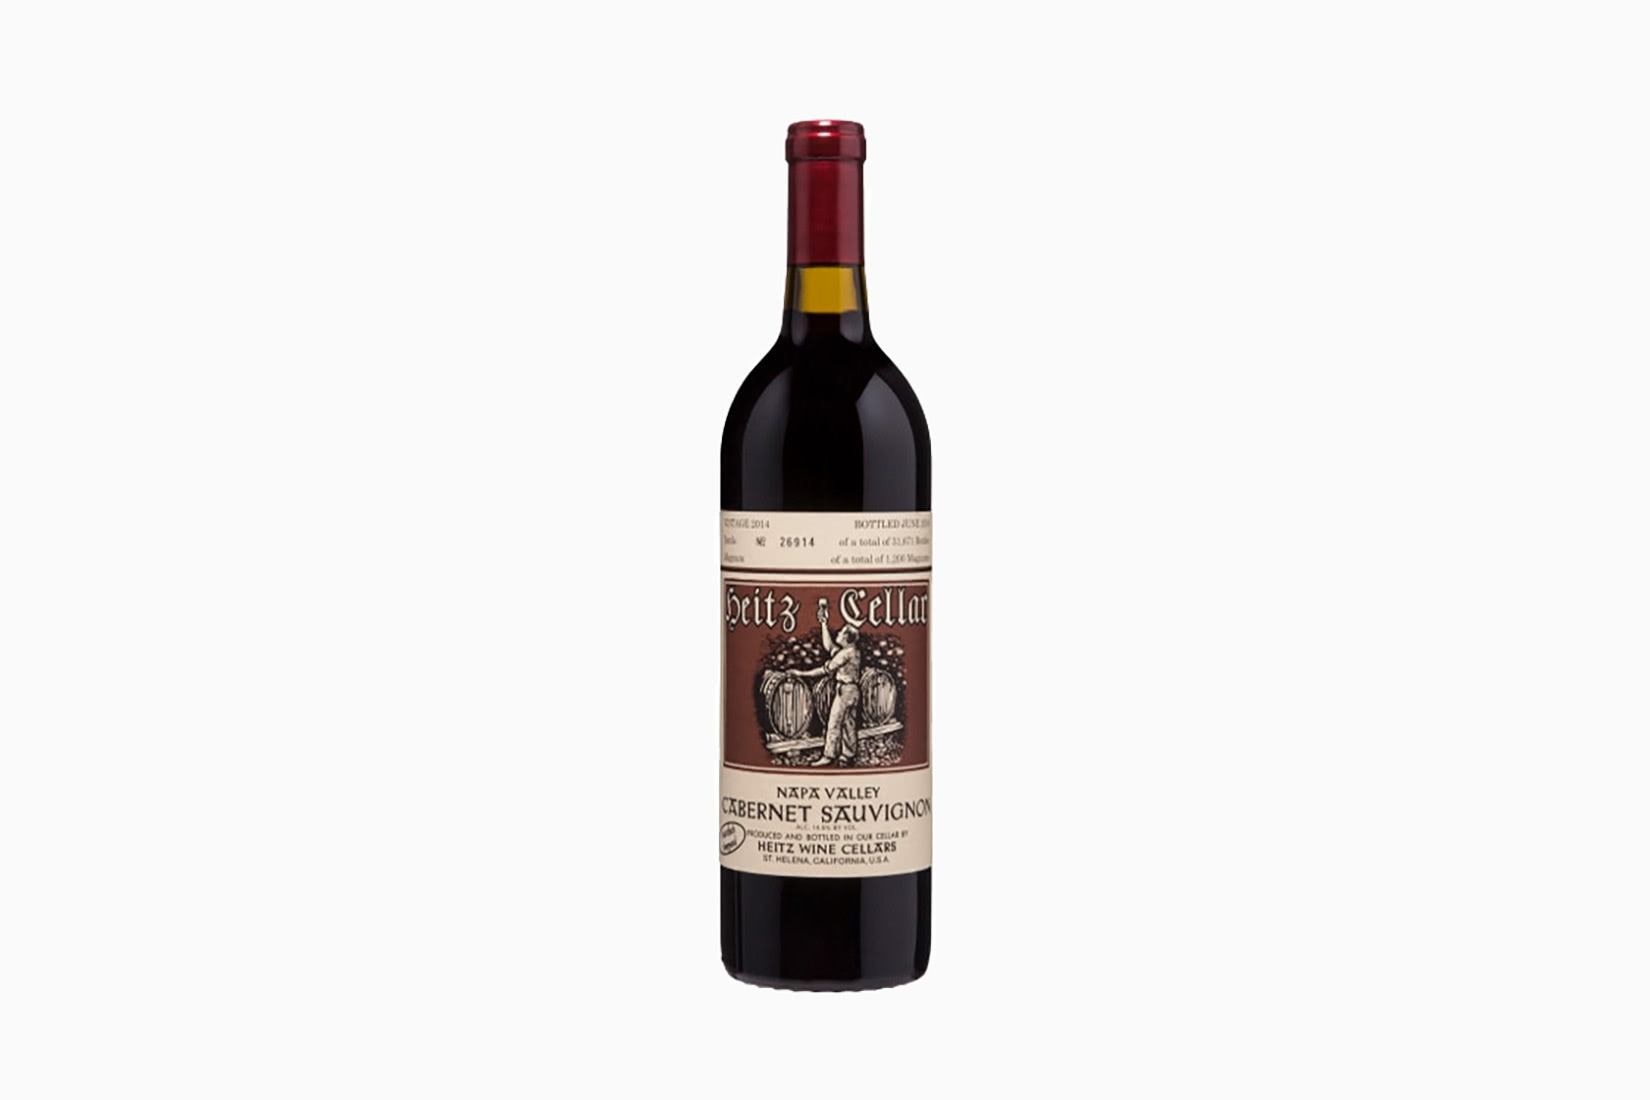 best wine heitz cellar martha vineyard cabernet sauvignon - Luxe Digital